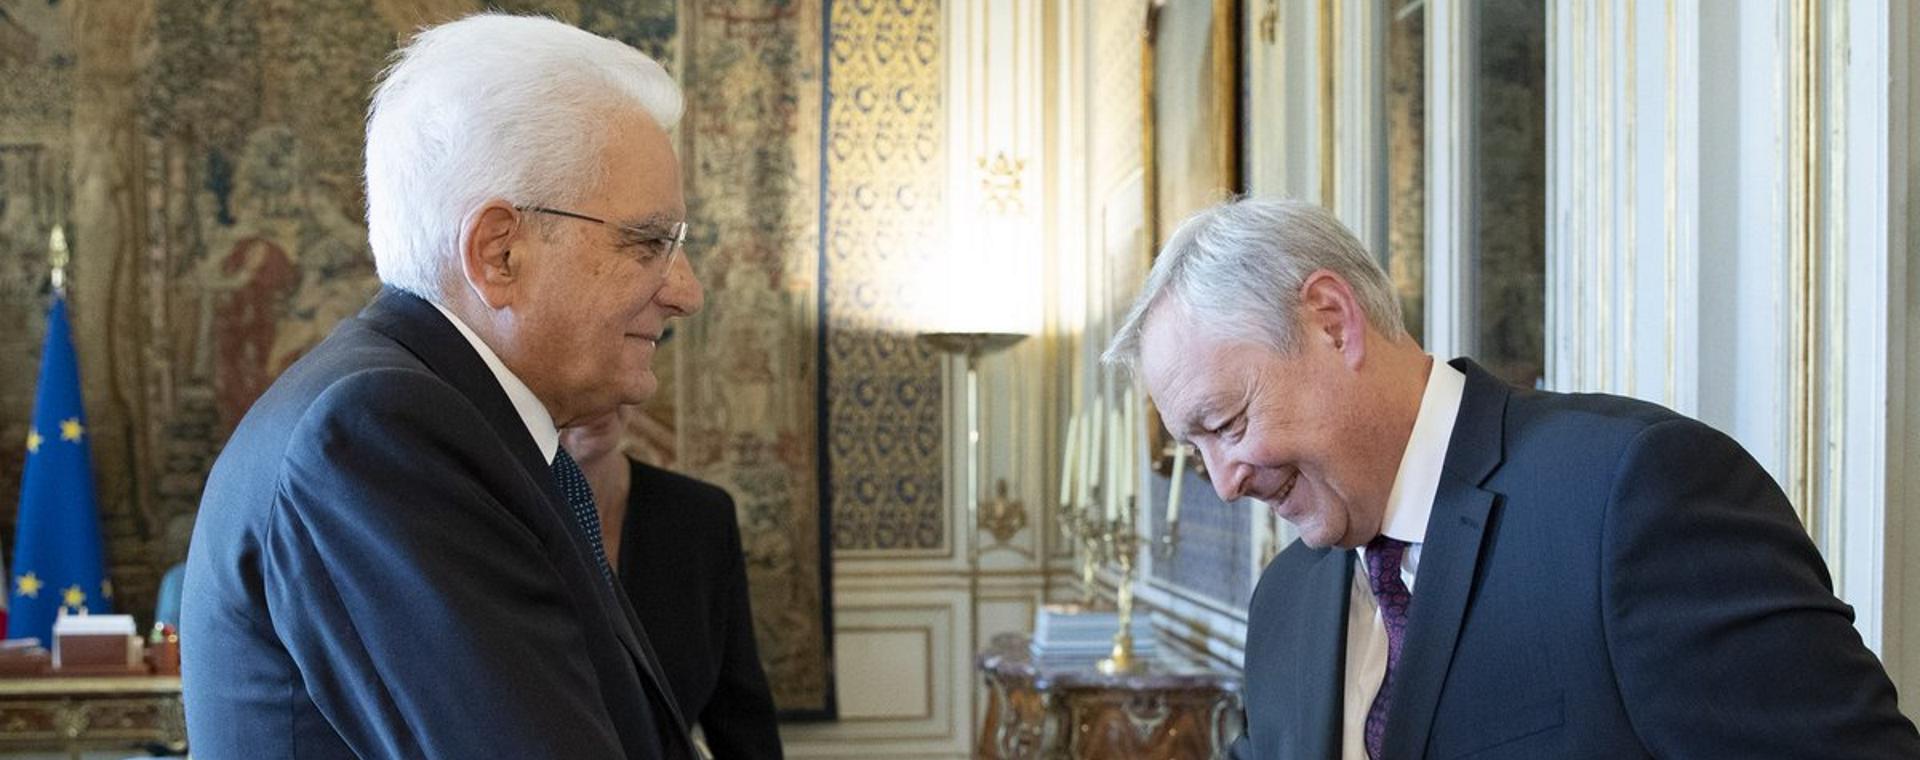 Il Presidente di Area Science Park ha incontrato Sergio Mattarella